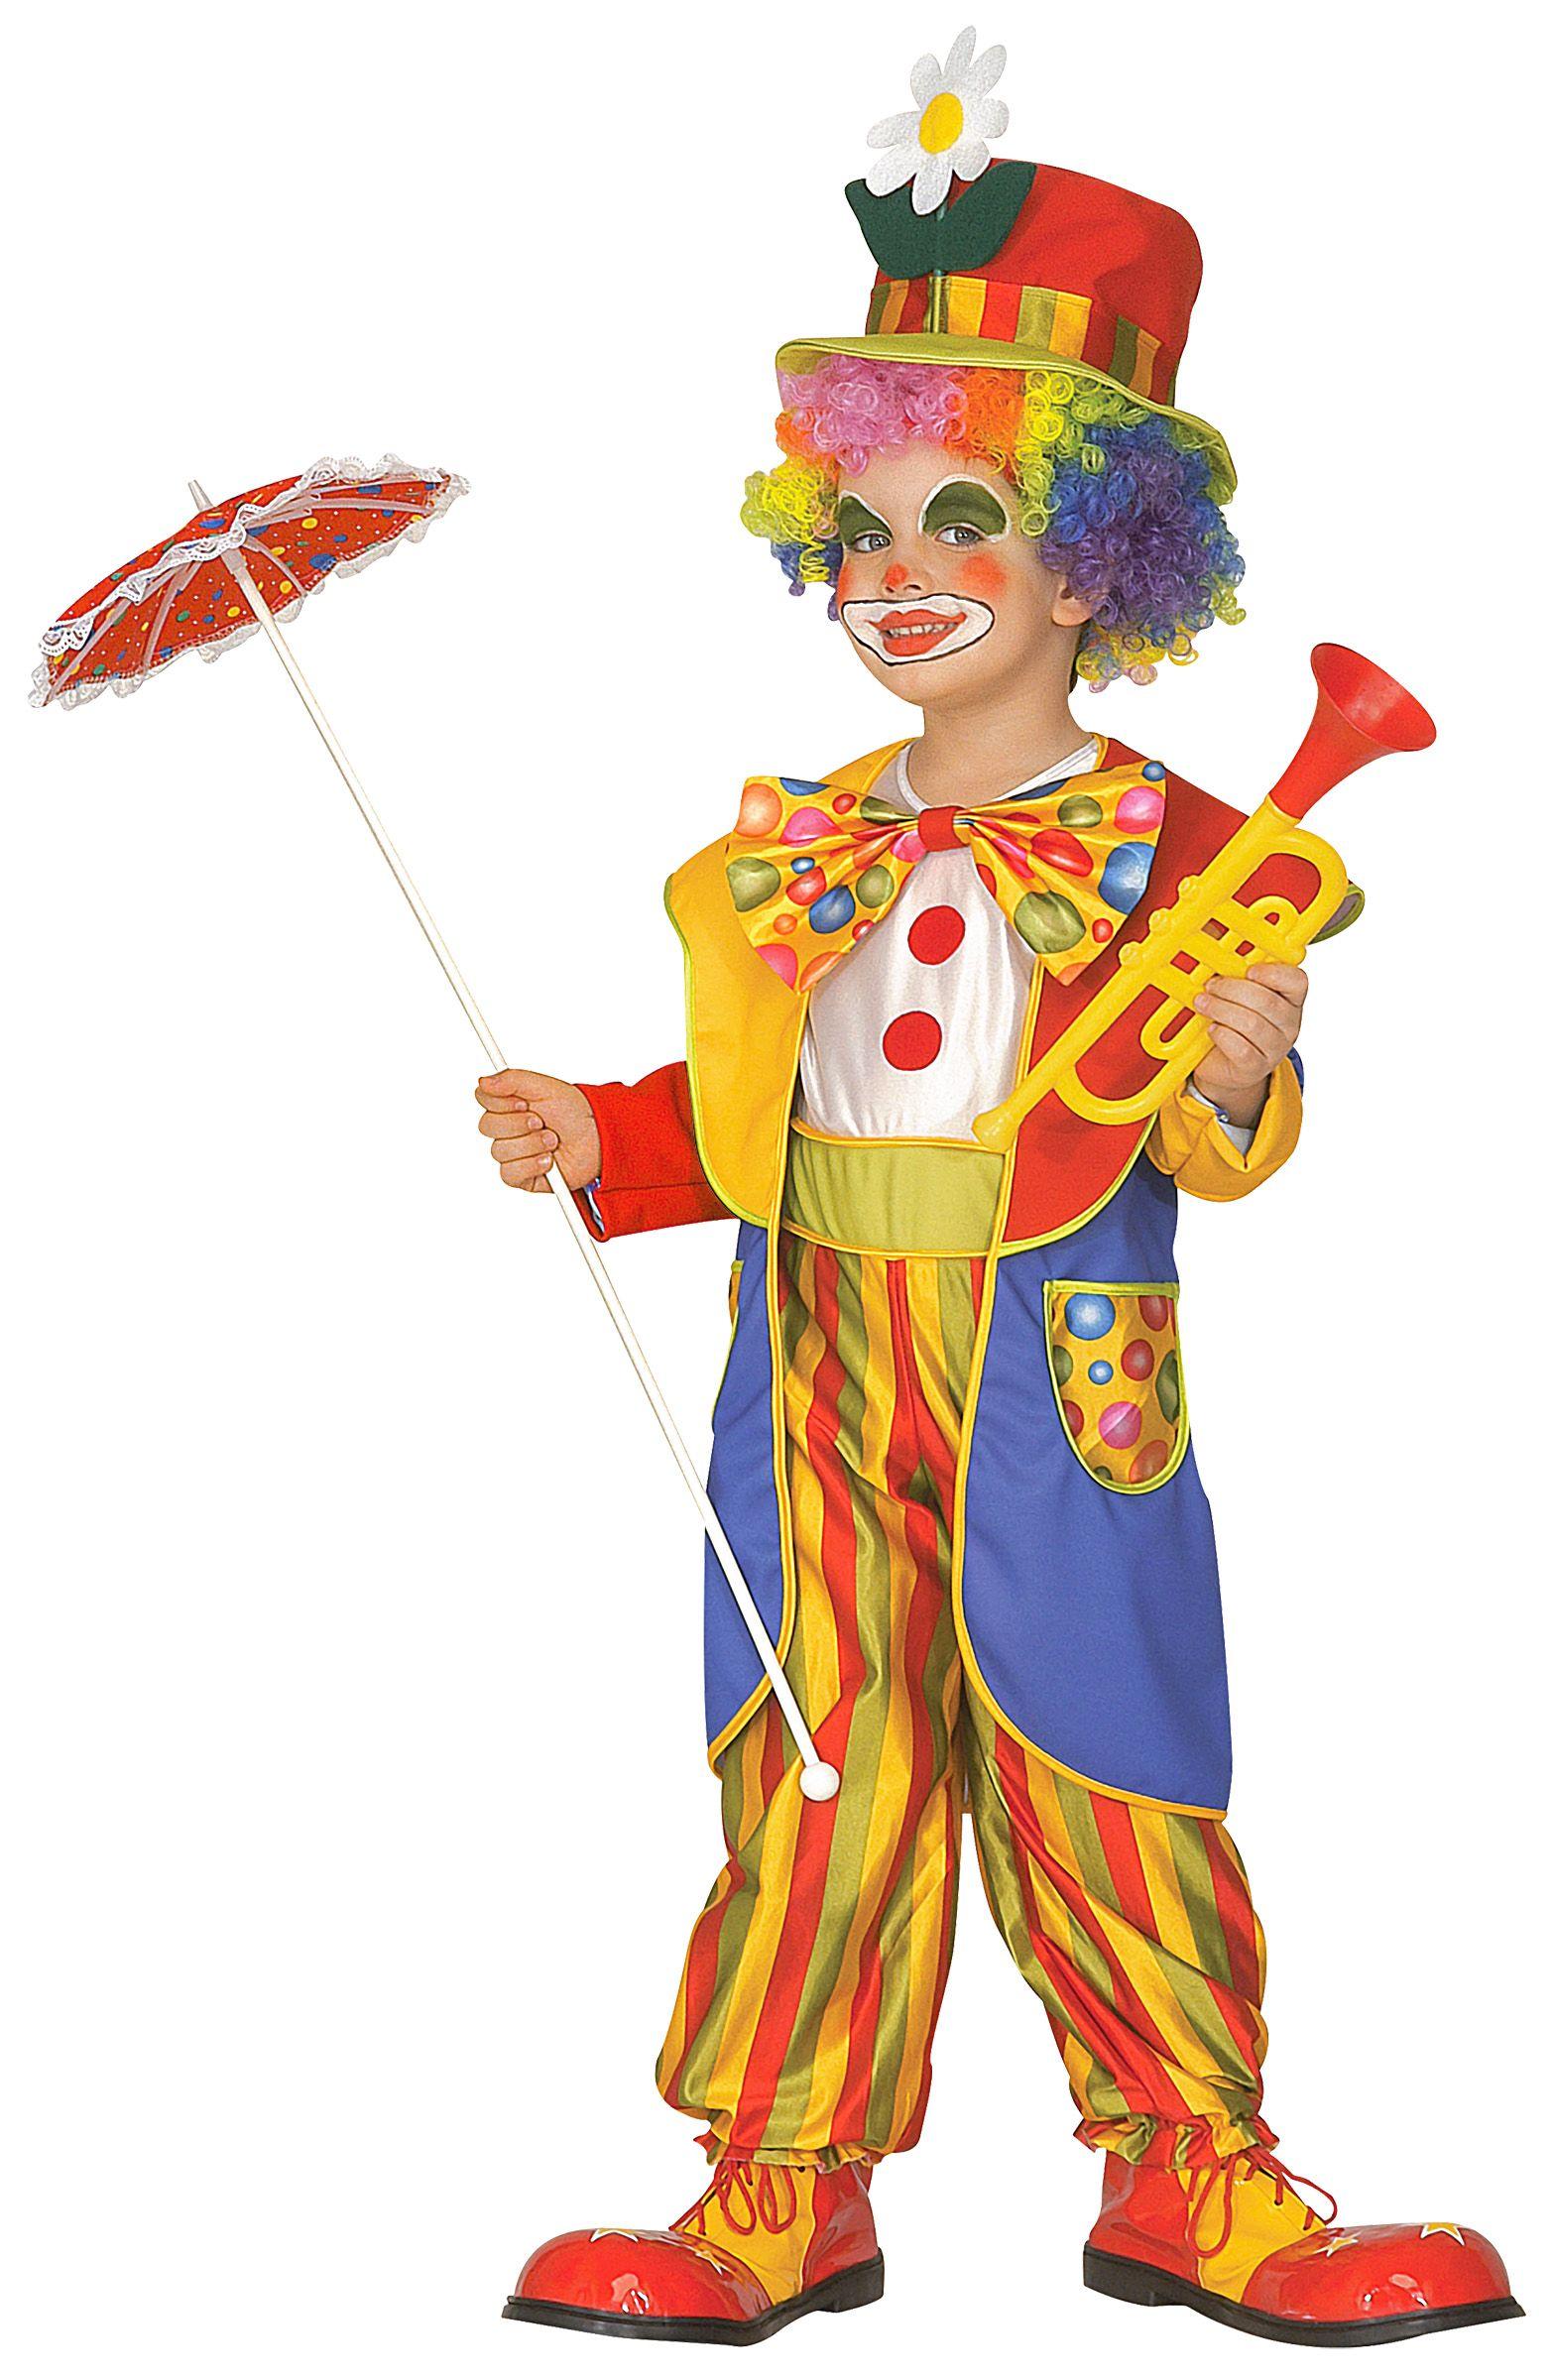 detaillierte Bilder beste Seite echt kaufen Verrücktes Clownkostüm für Jungen bunt